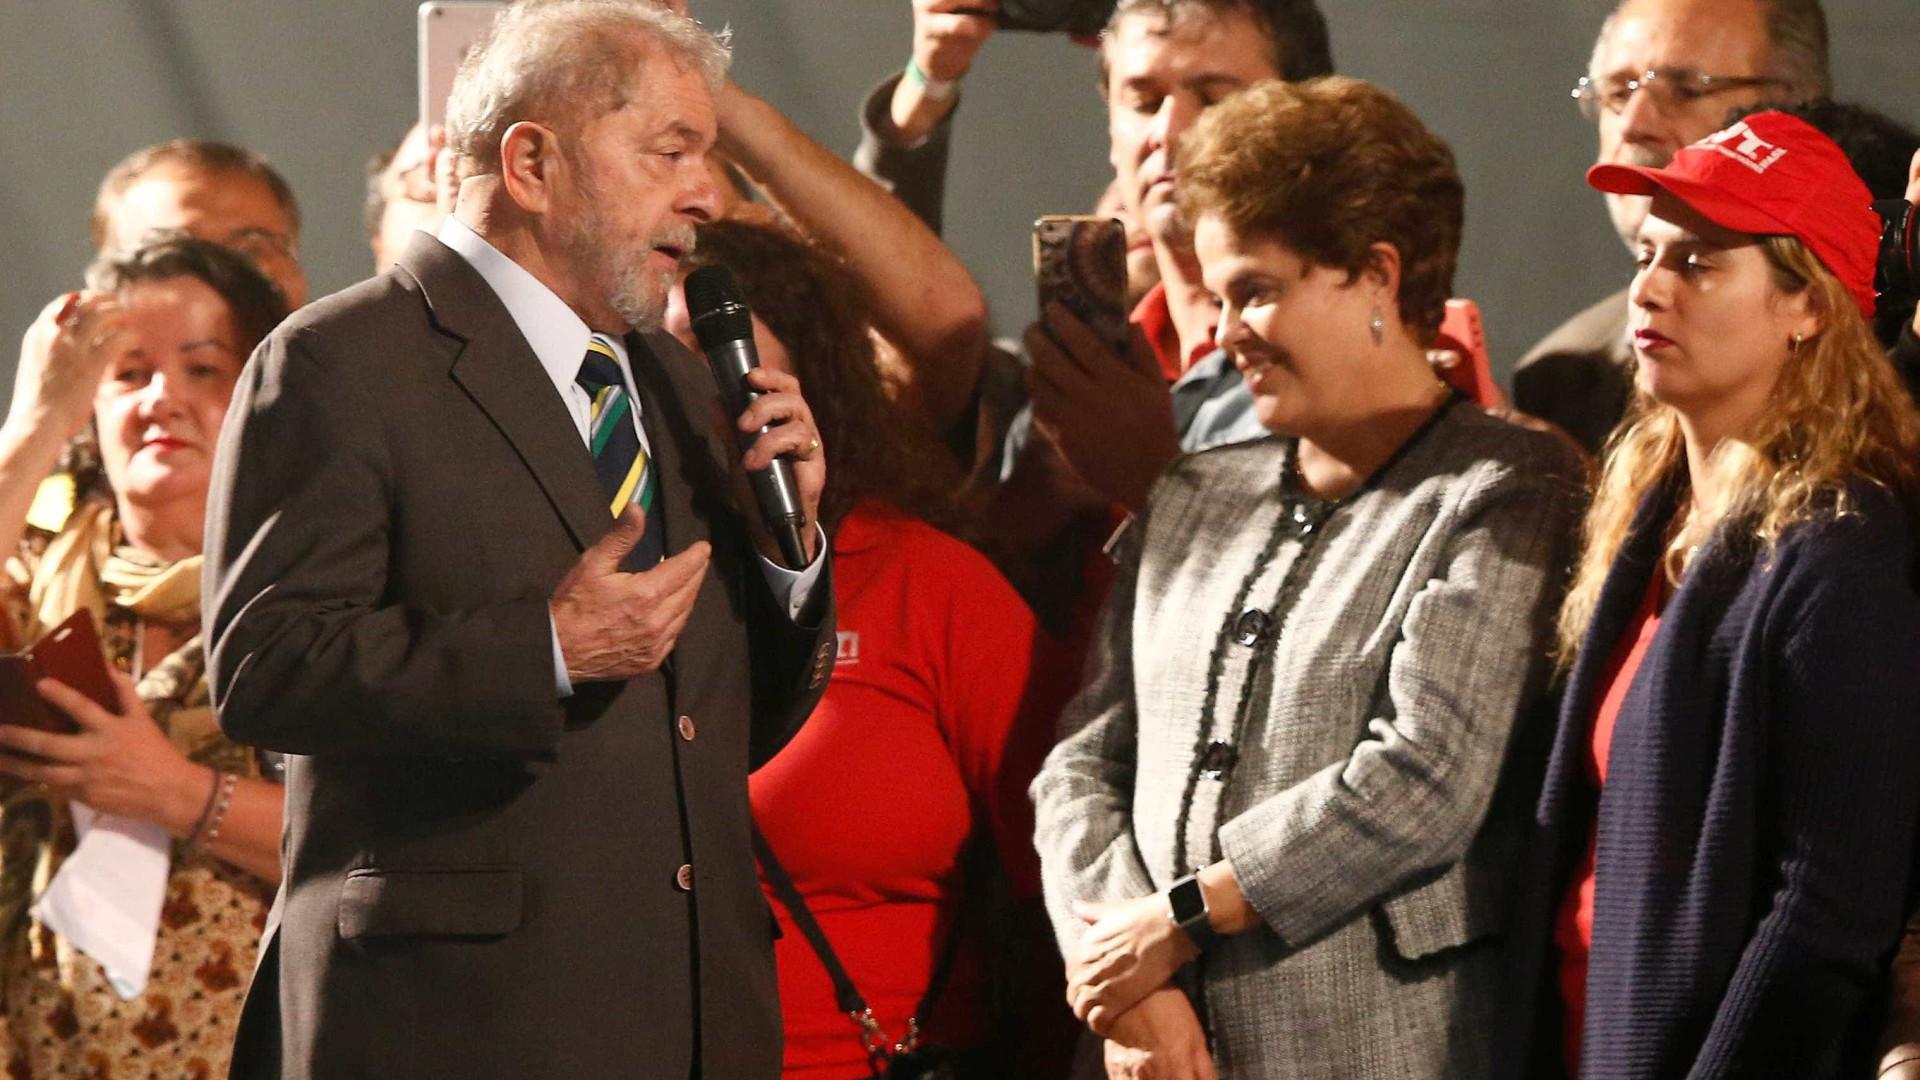 JBS manteve 133 milhões de euros em contas para subornar Lula e Dilma